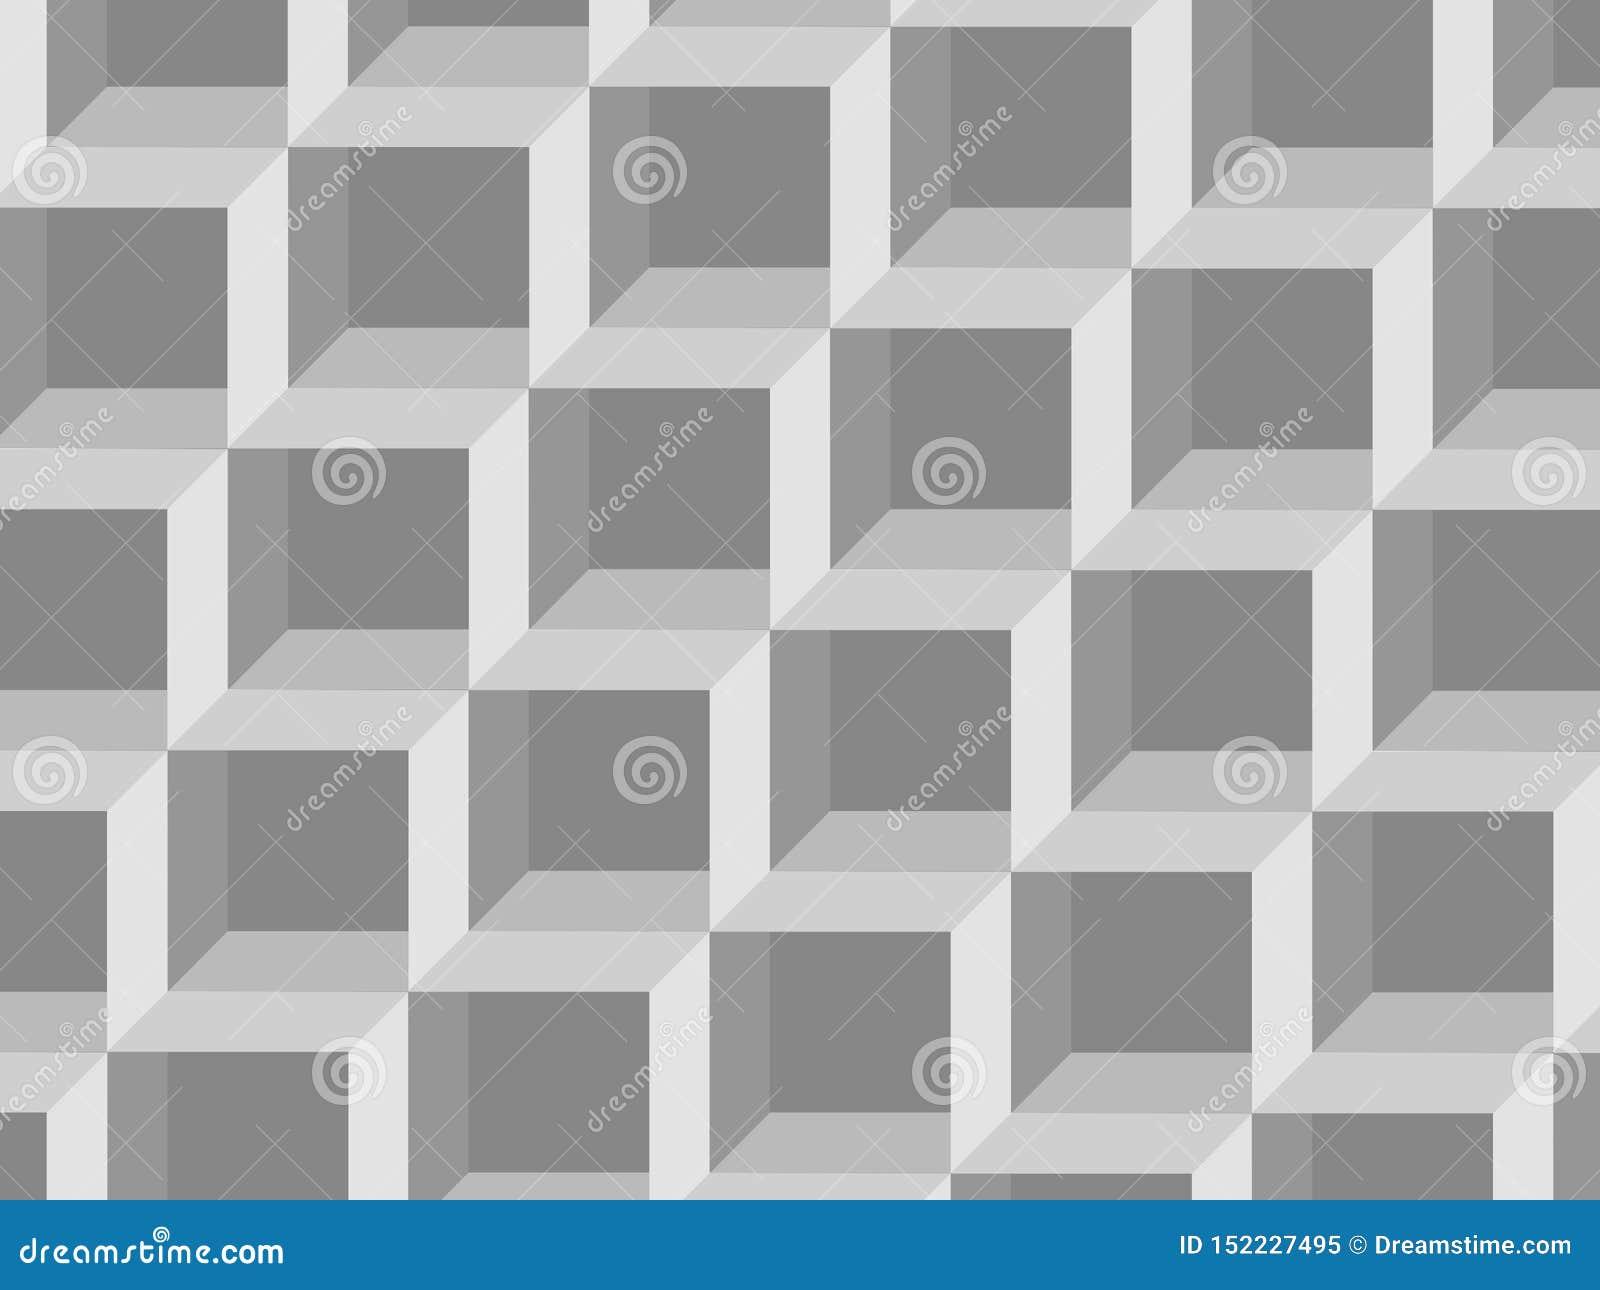 创造性的摘要乱画几何背景 适用于横幅、印刷品、小册子、盖子、模板设计等等